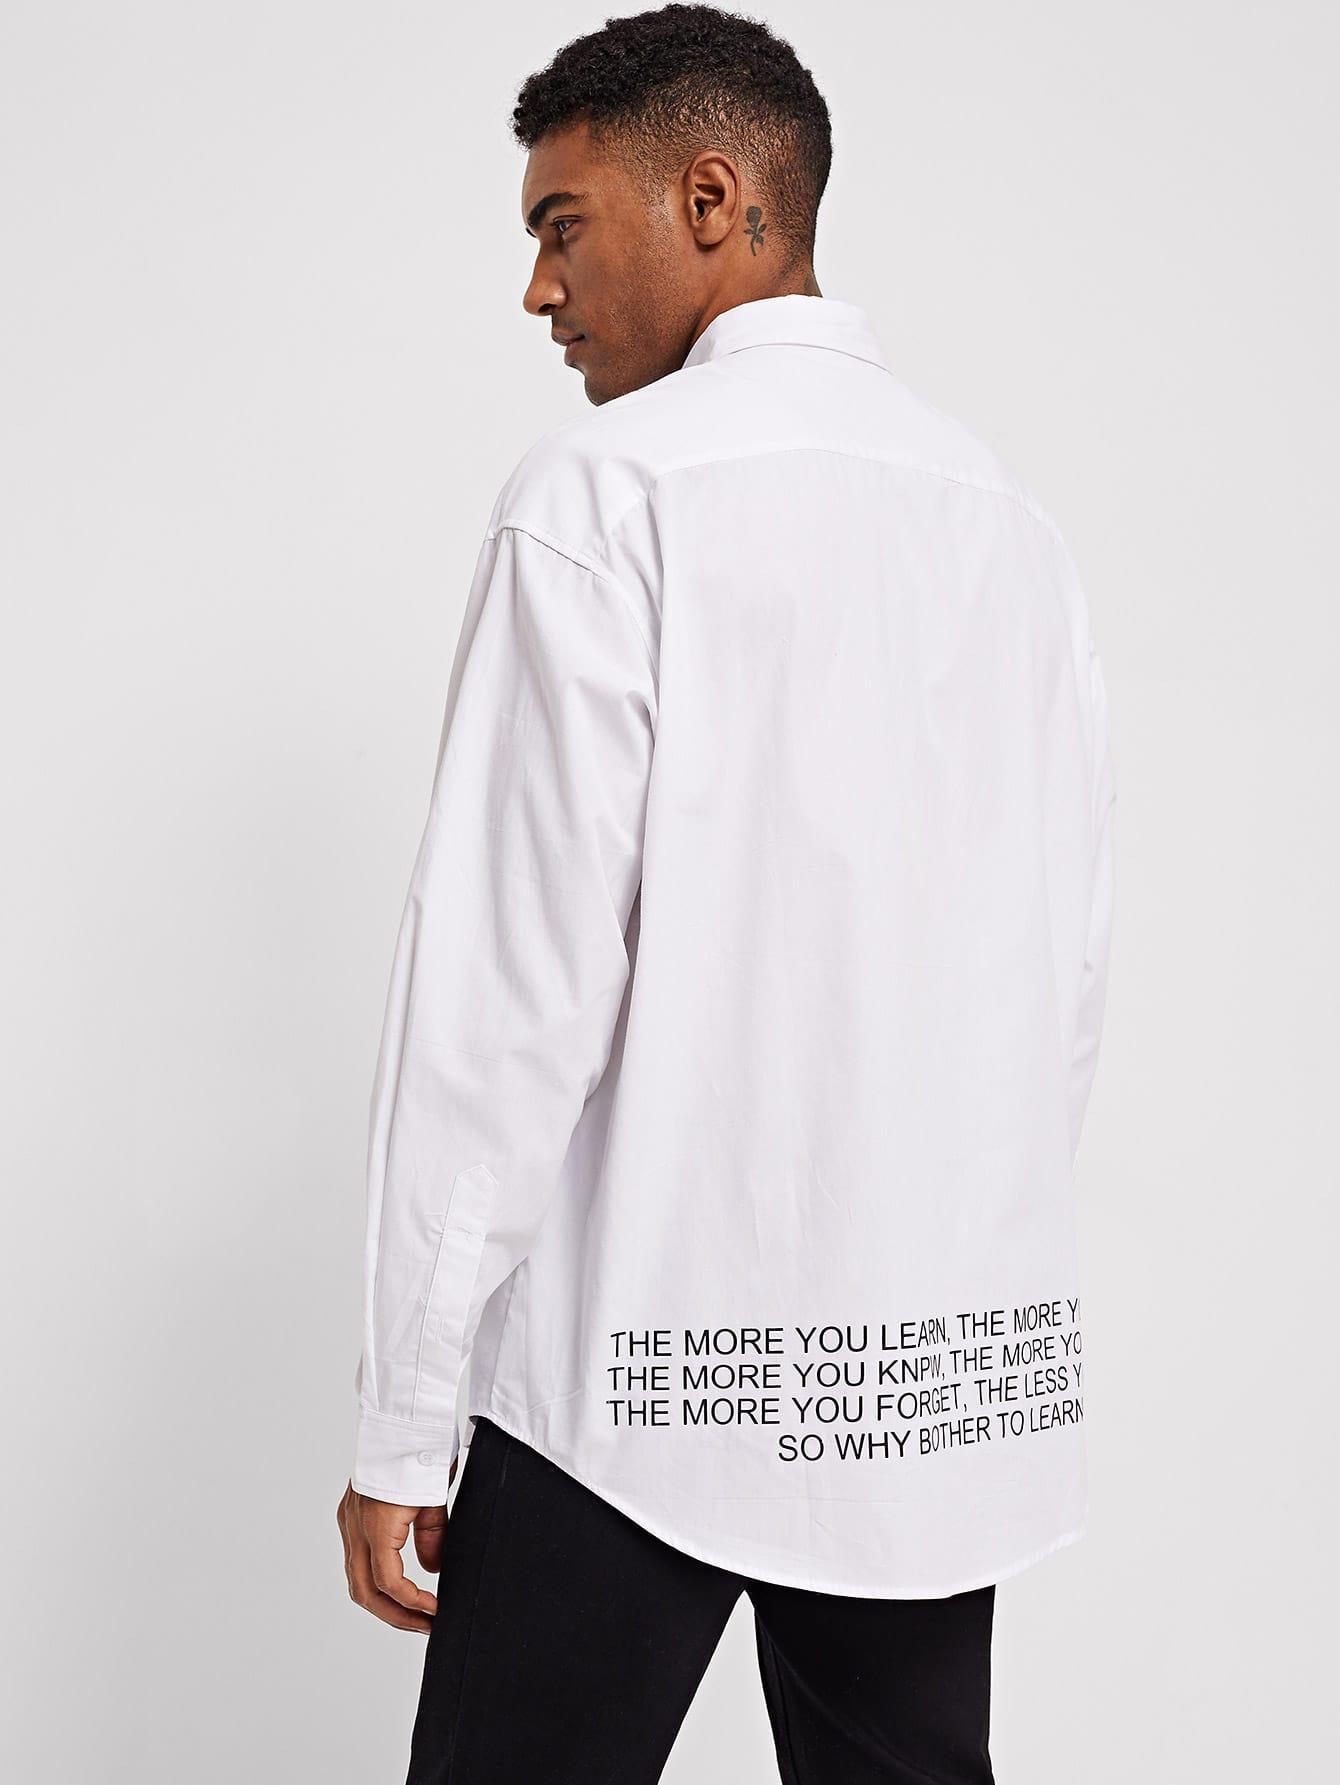 Купить Мужская рубашка с текстовым принтом и изогнутым краем, Johnn Silva, SheIn